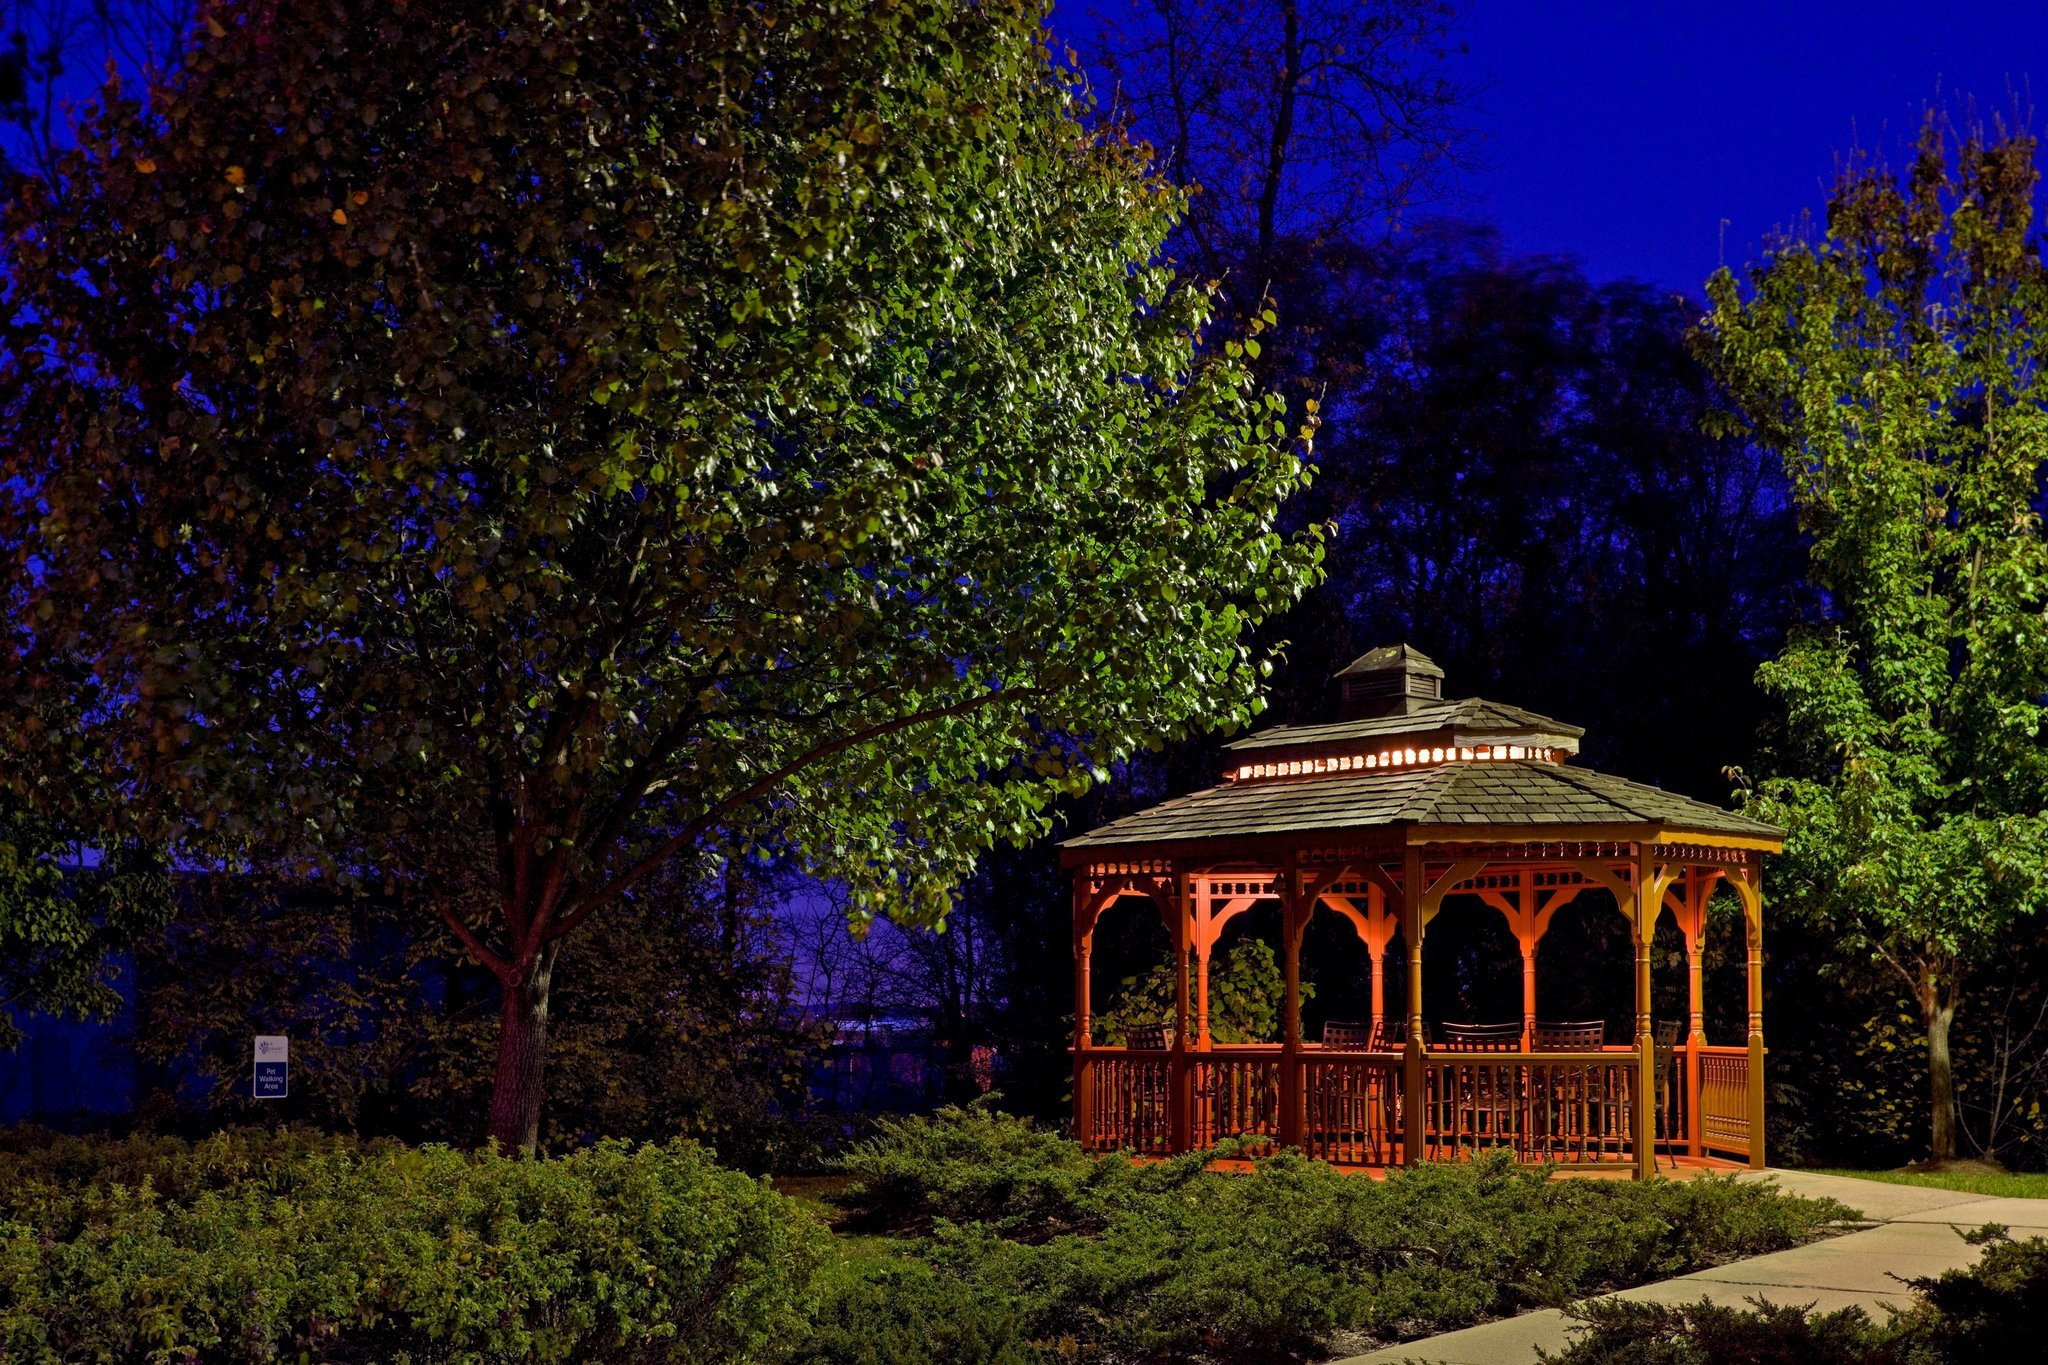 Candlewood Suites Parsippany - Morris Plains